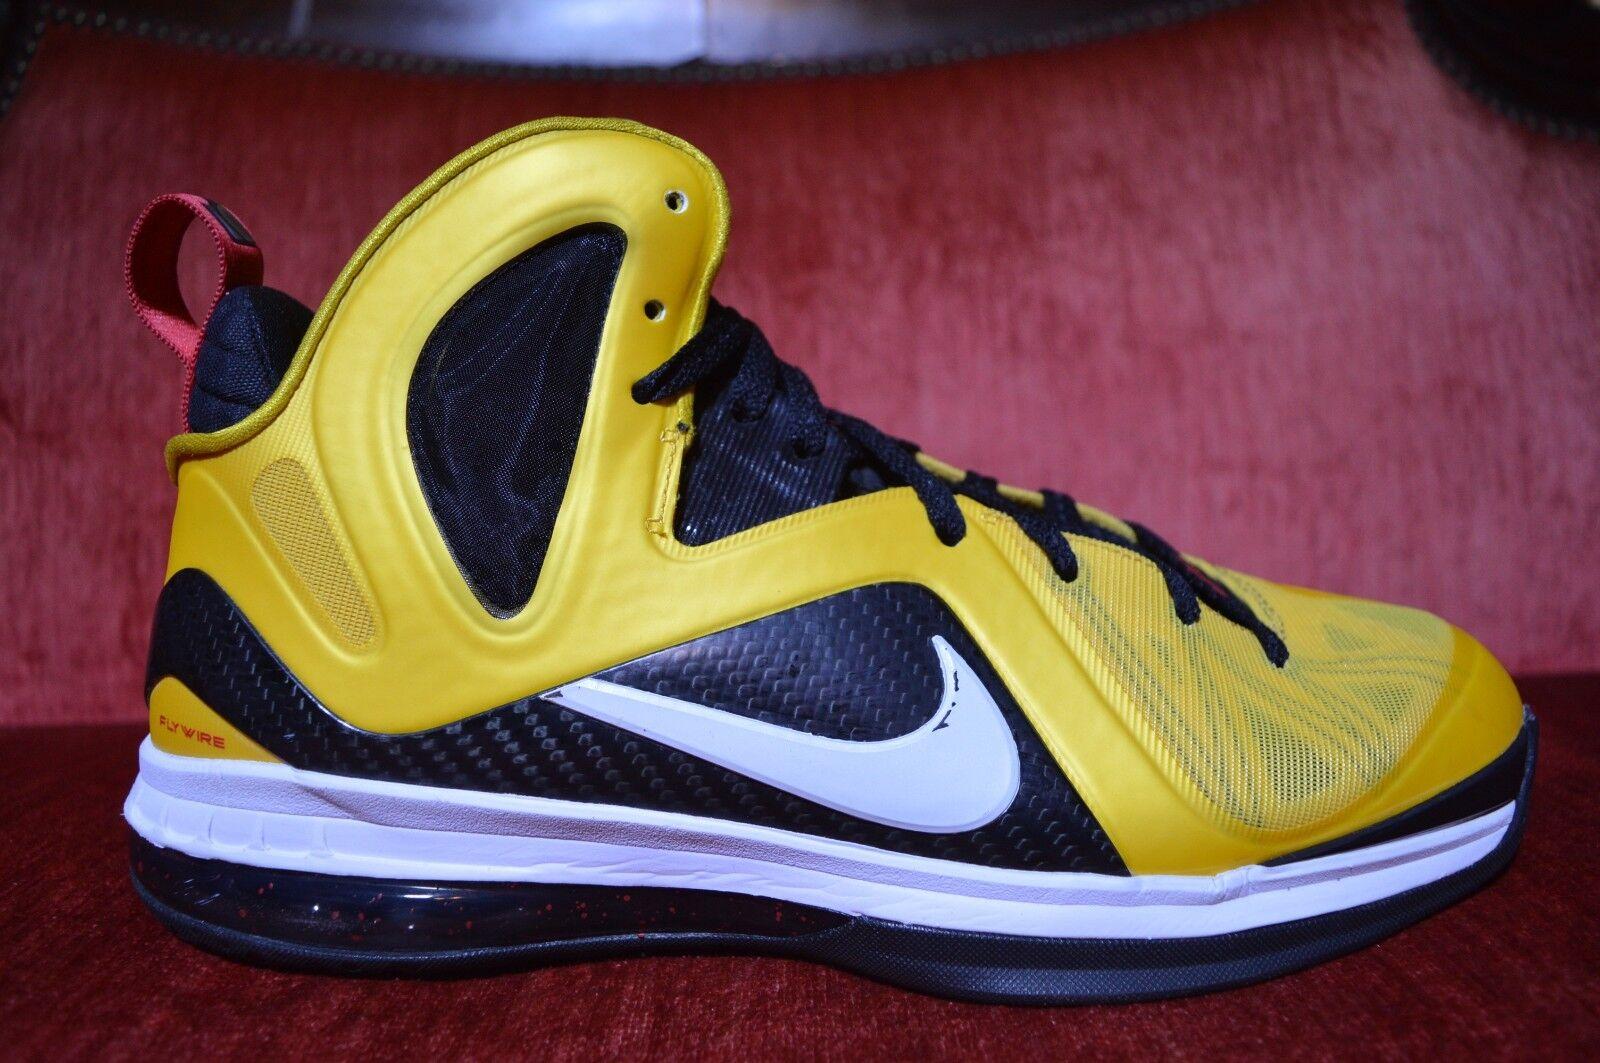 Nike Lebron IX 9 P.S Elite Varsity Maize/White-Nero-Red Taxi 516958-700 Size 11